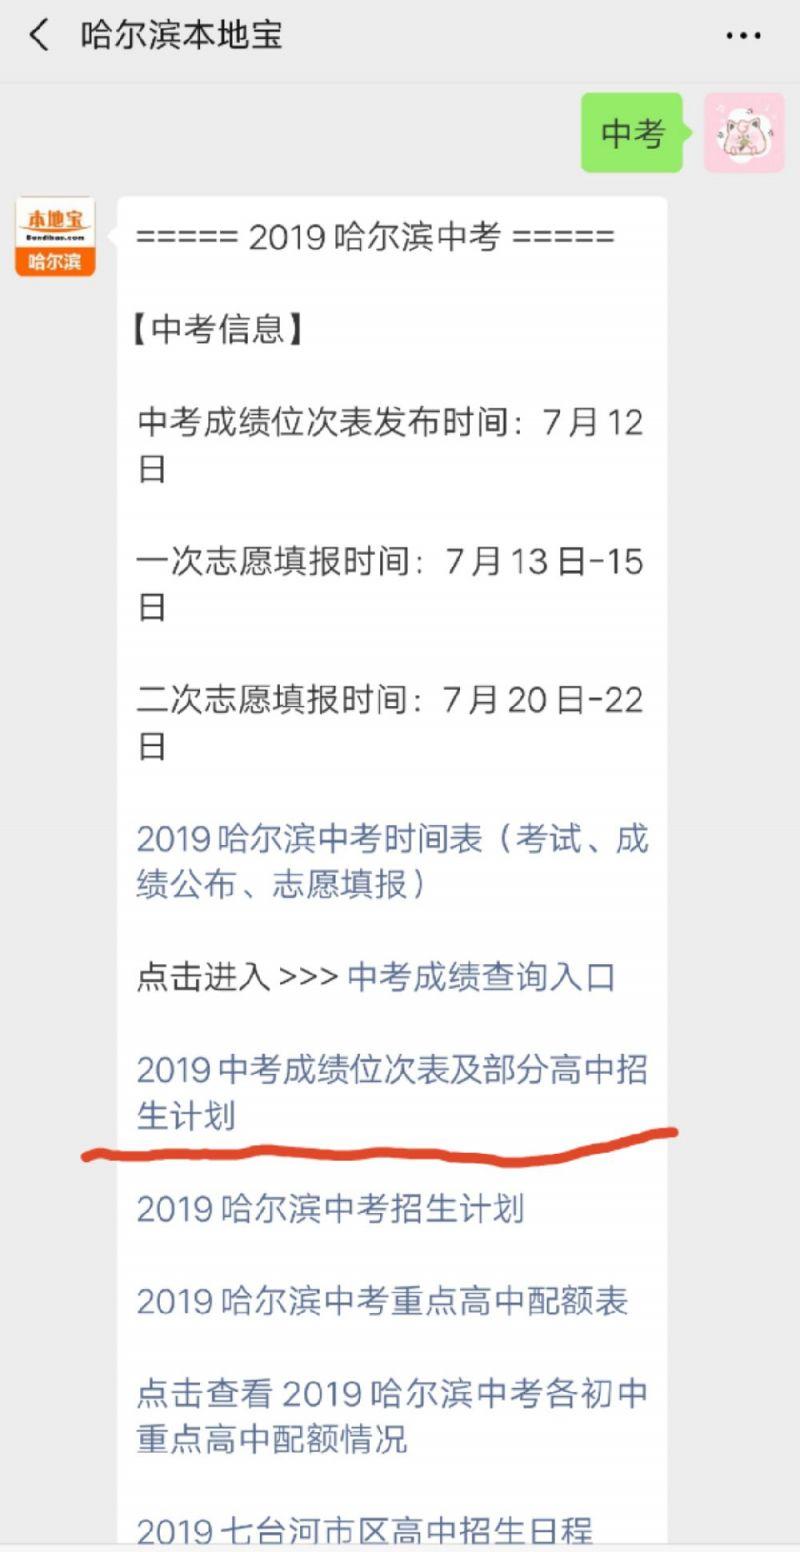 2019哈尔滨中考成绩位次表